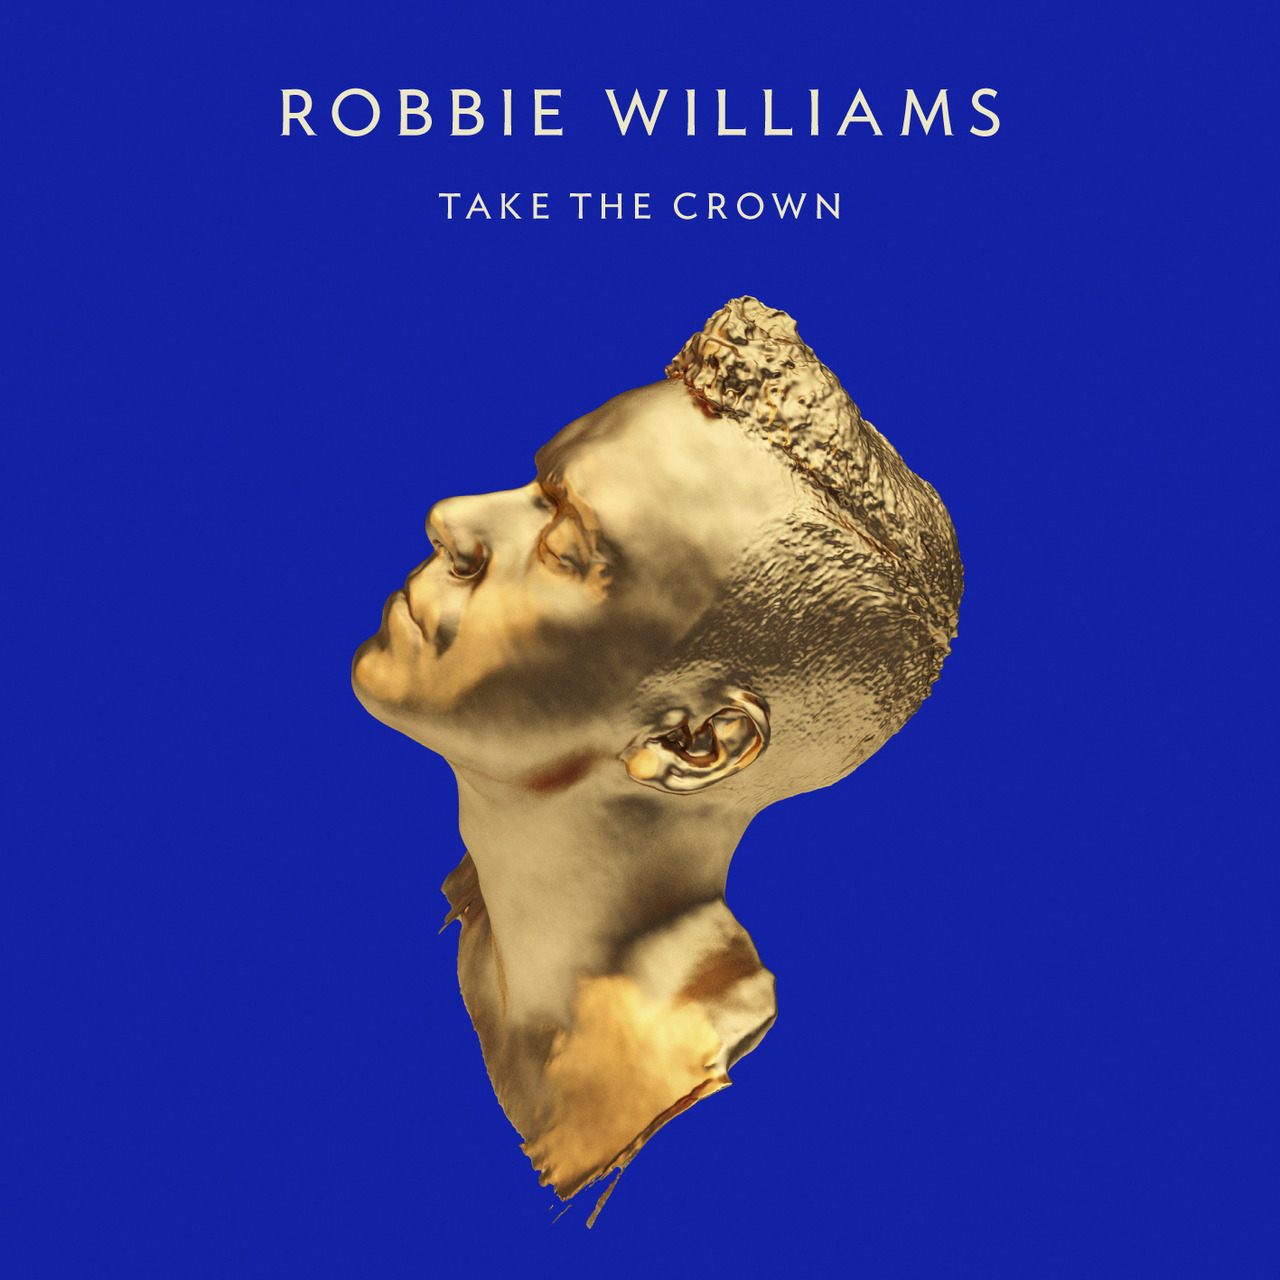 http://3.bp.blogspot.com/-0ZcpdfDXcUo/UEUdIQ-UCCI/AAAAAAABIA4/f0FaMZomaUQ/s1600/Robbie+Williams+Take+The+Crown.jpg